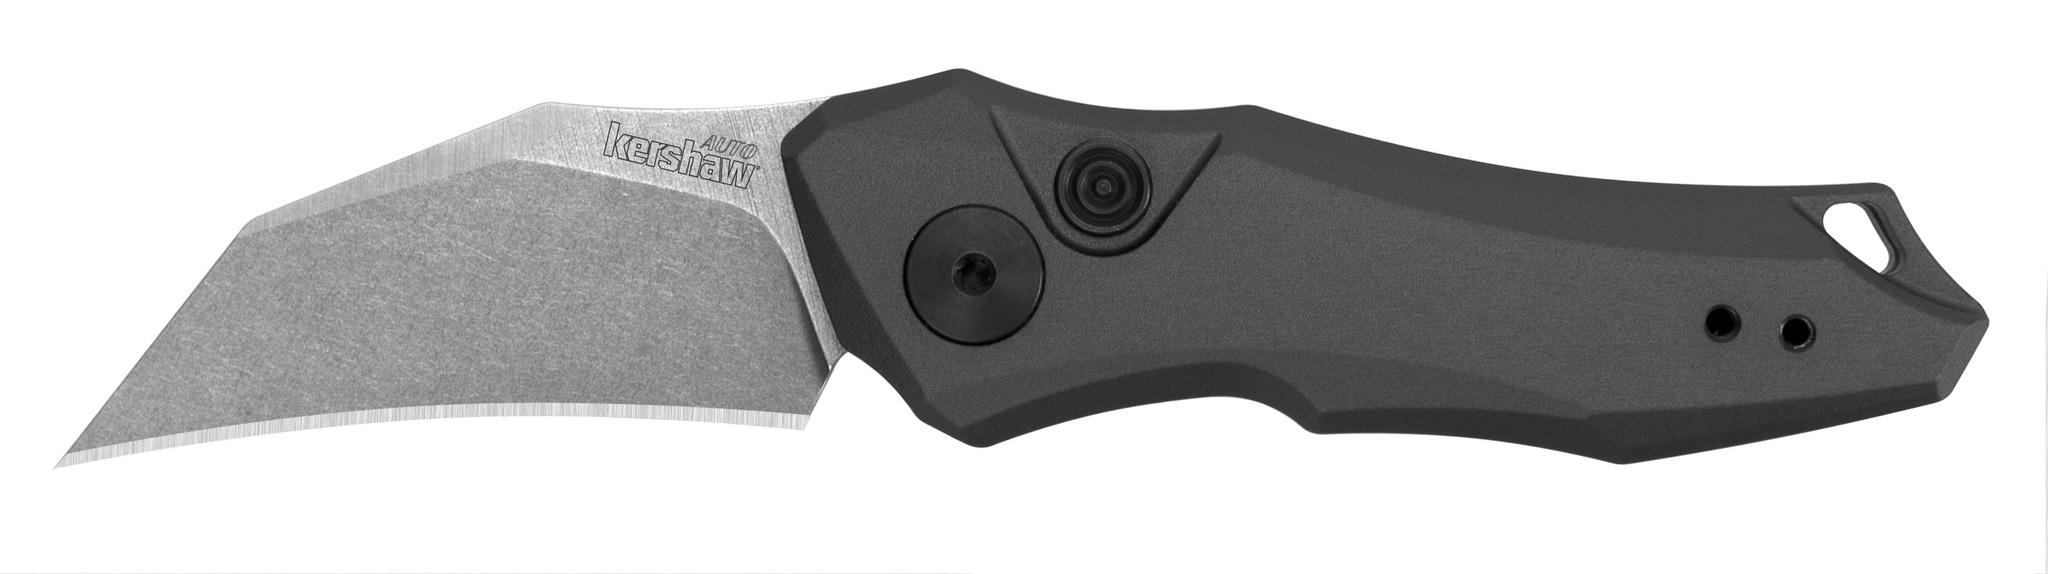 Фото - Полуавтоматический складной нож Launch 10 Kershaw 7350, сталь CPM 154